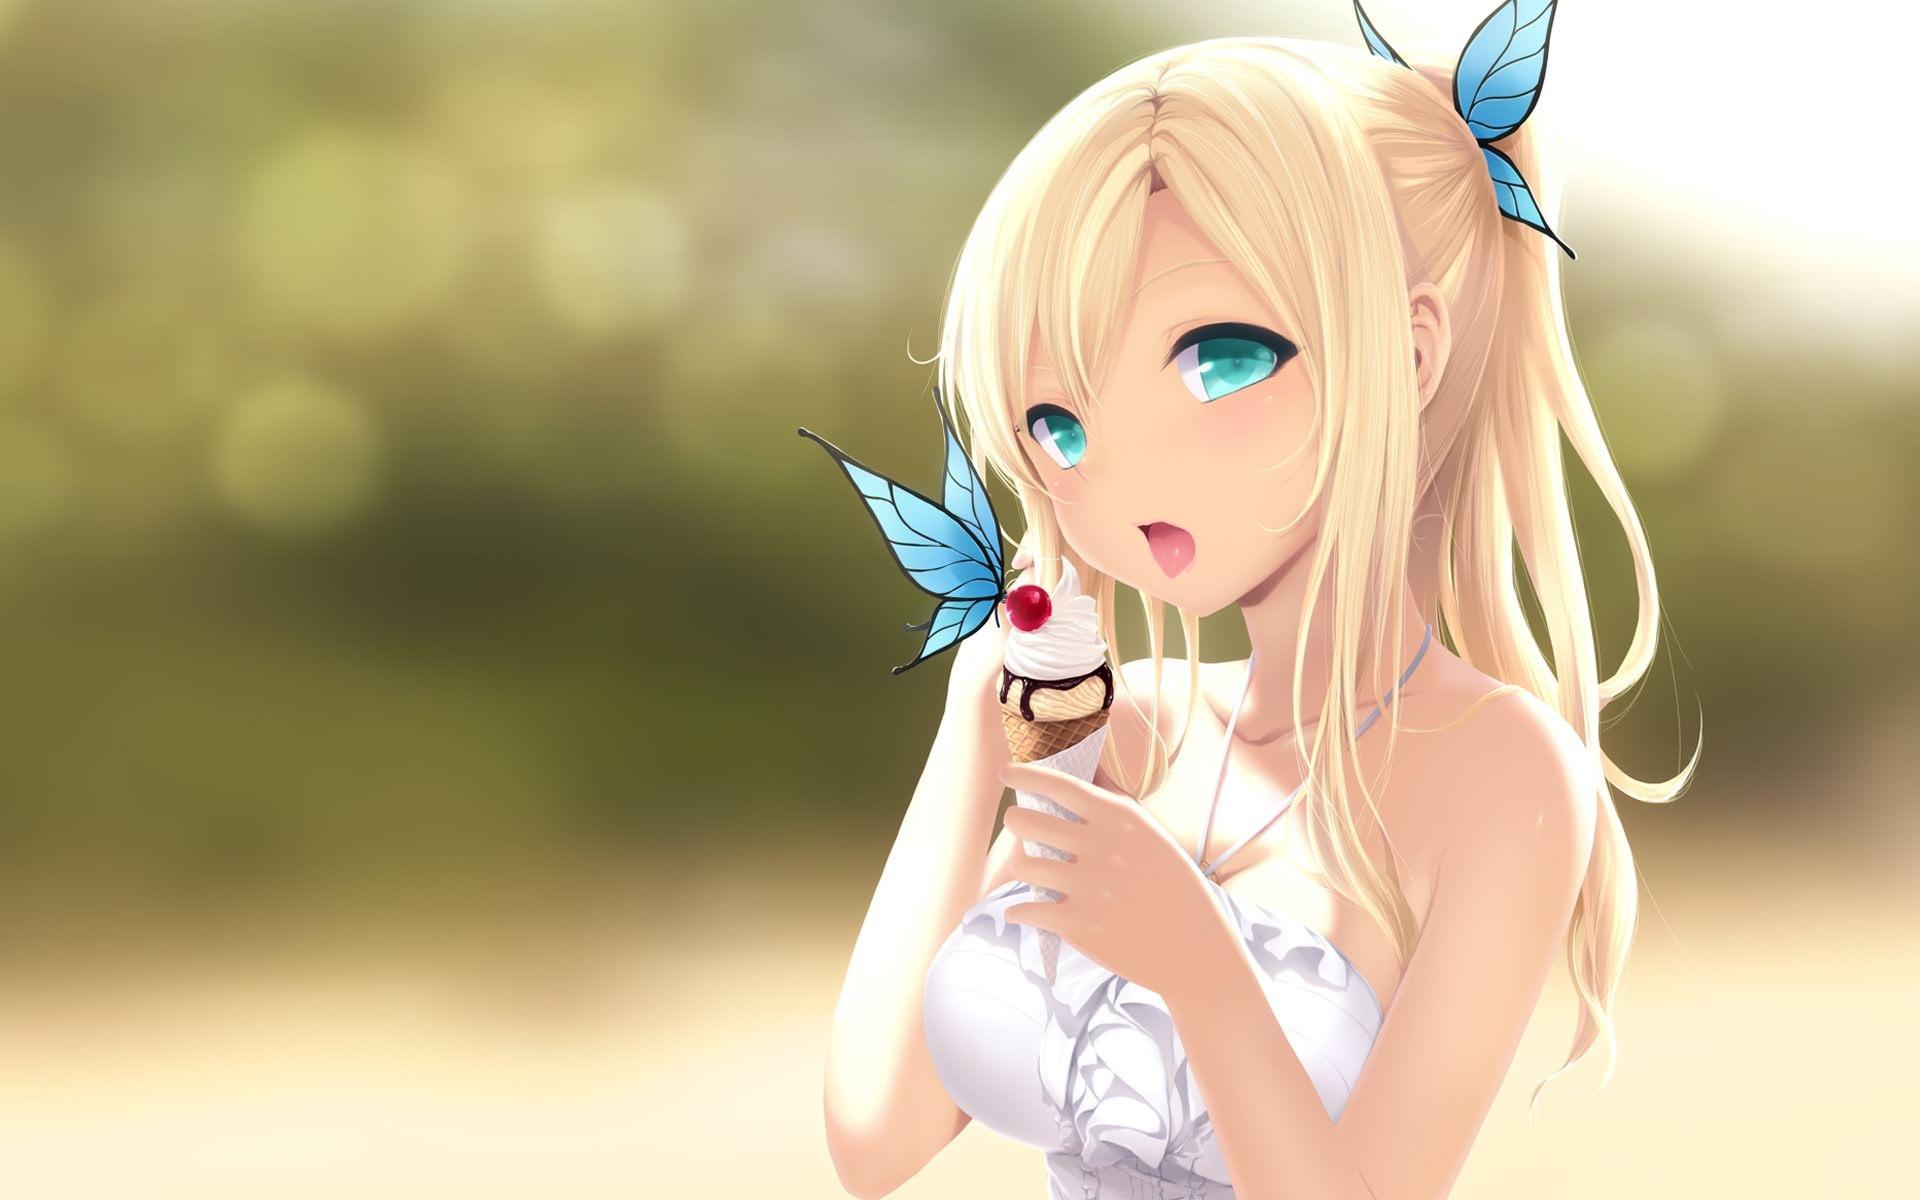 Фото Красивая голубоглазая блондинка лакомится мороженным в парке, голубые бабочки, скачать картинку бесплатно